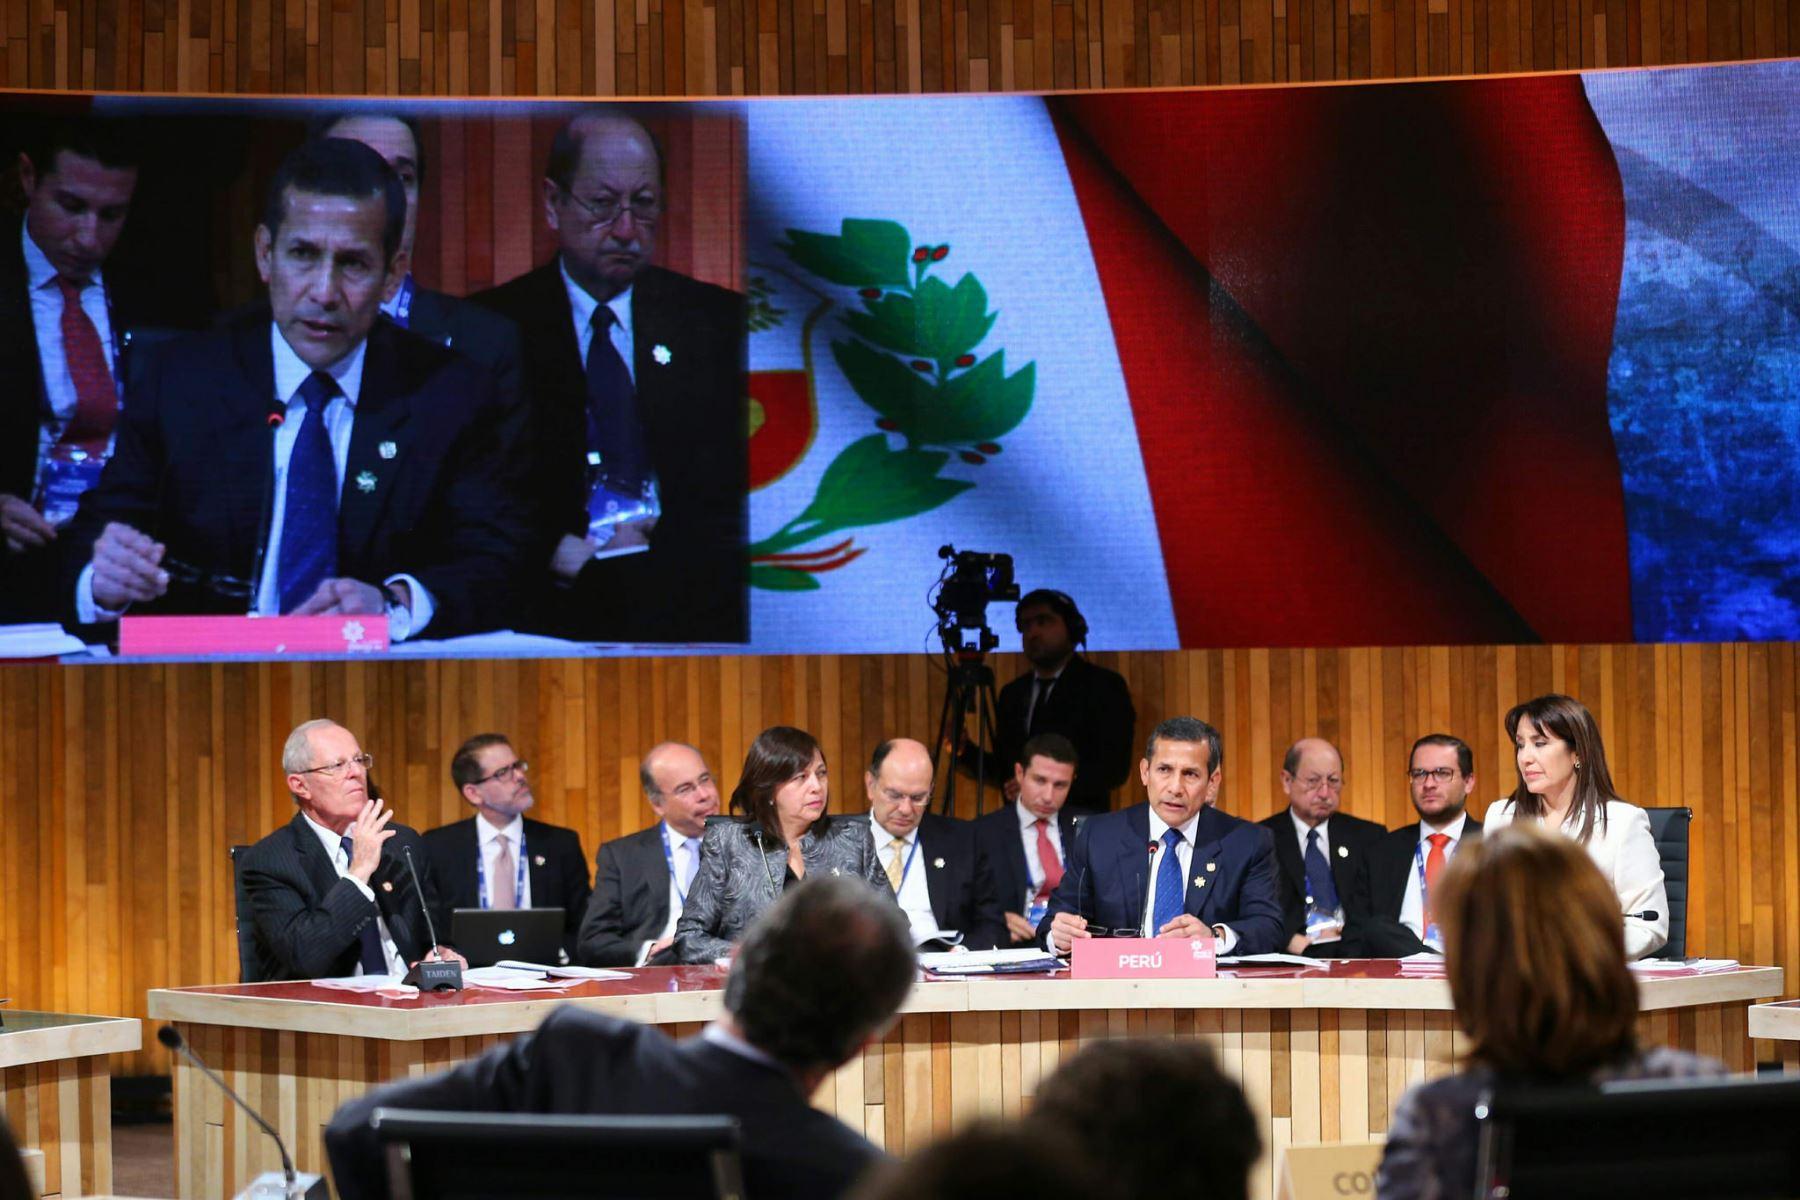 Presidente Ollanta Humala participó en la inauguración de la XI Cumbre de la Alianza del Pacífico y entregó la Presidencia Pro Tempore a Chile.